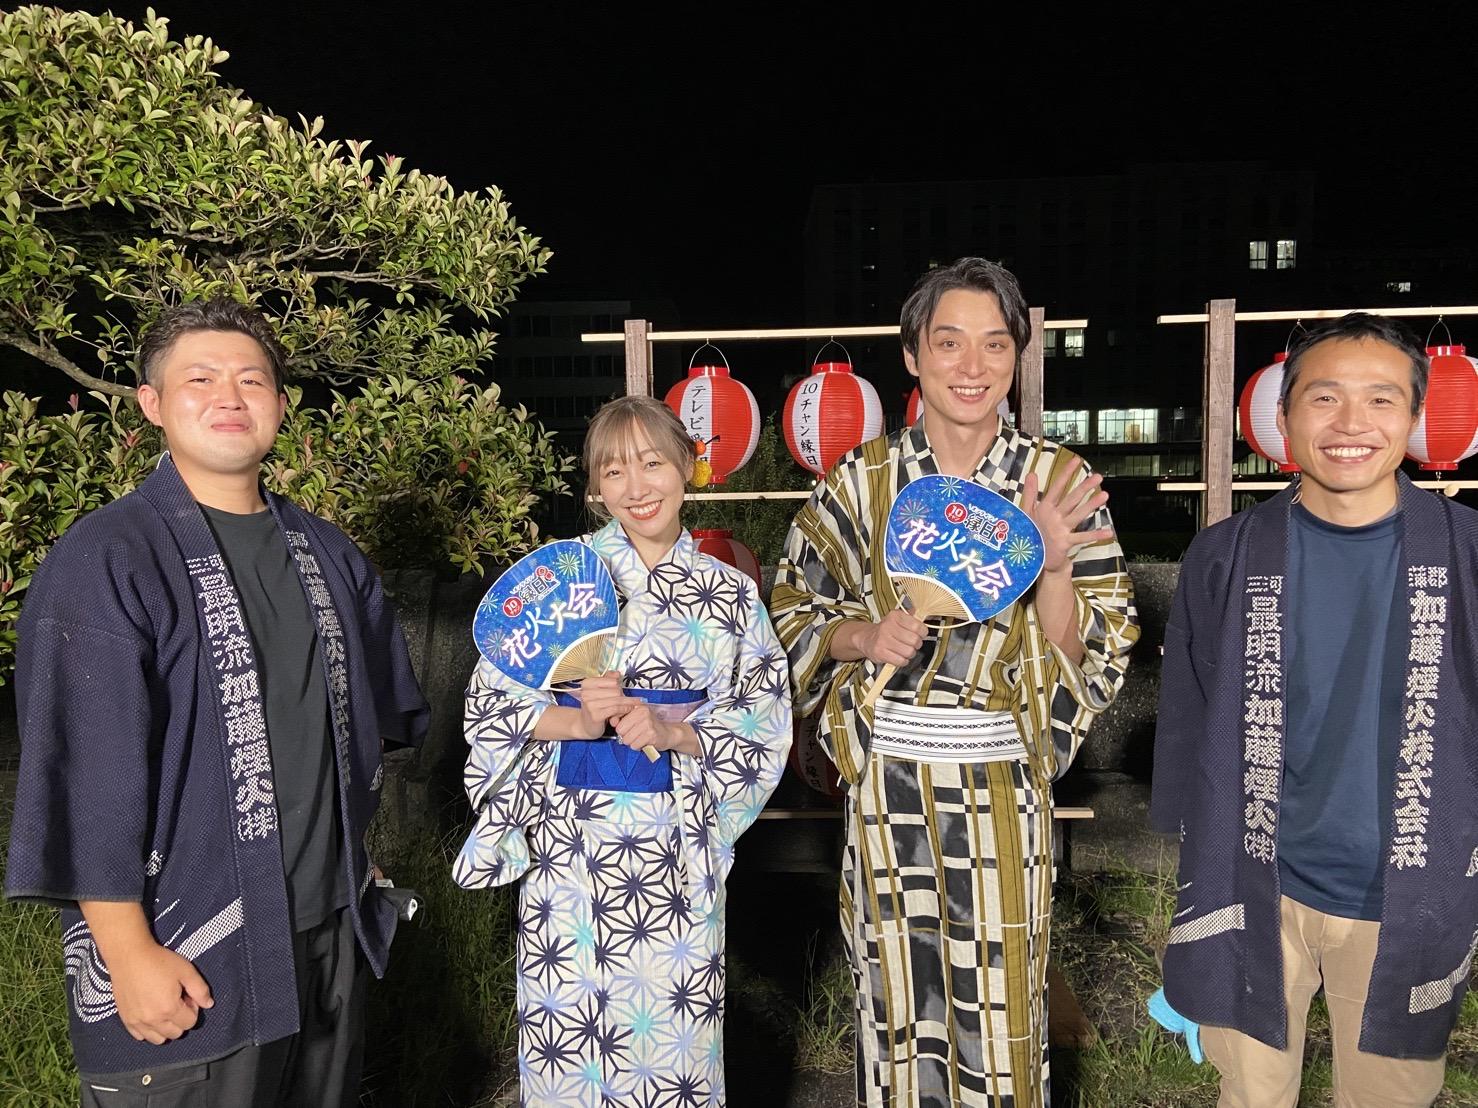 加藤煙火の花火師と 須田亜香里(SKE48)、 大前りょうすけ